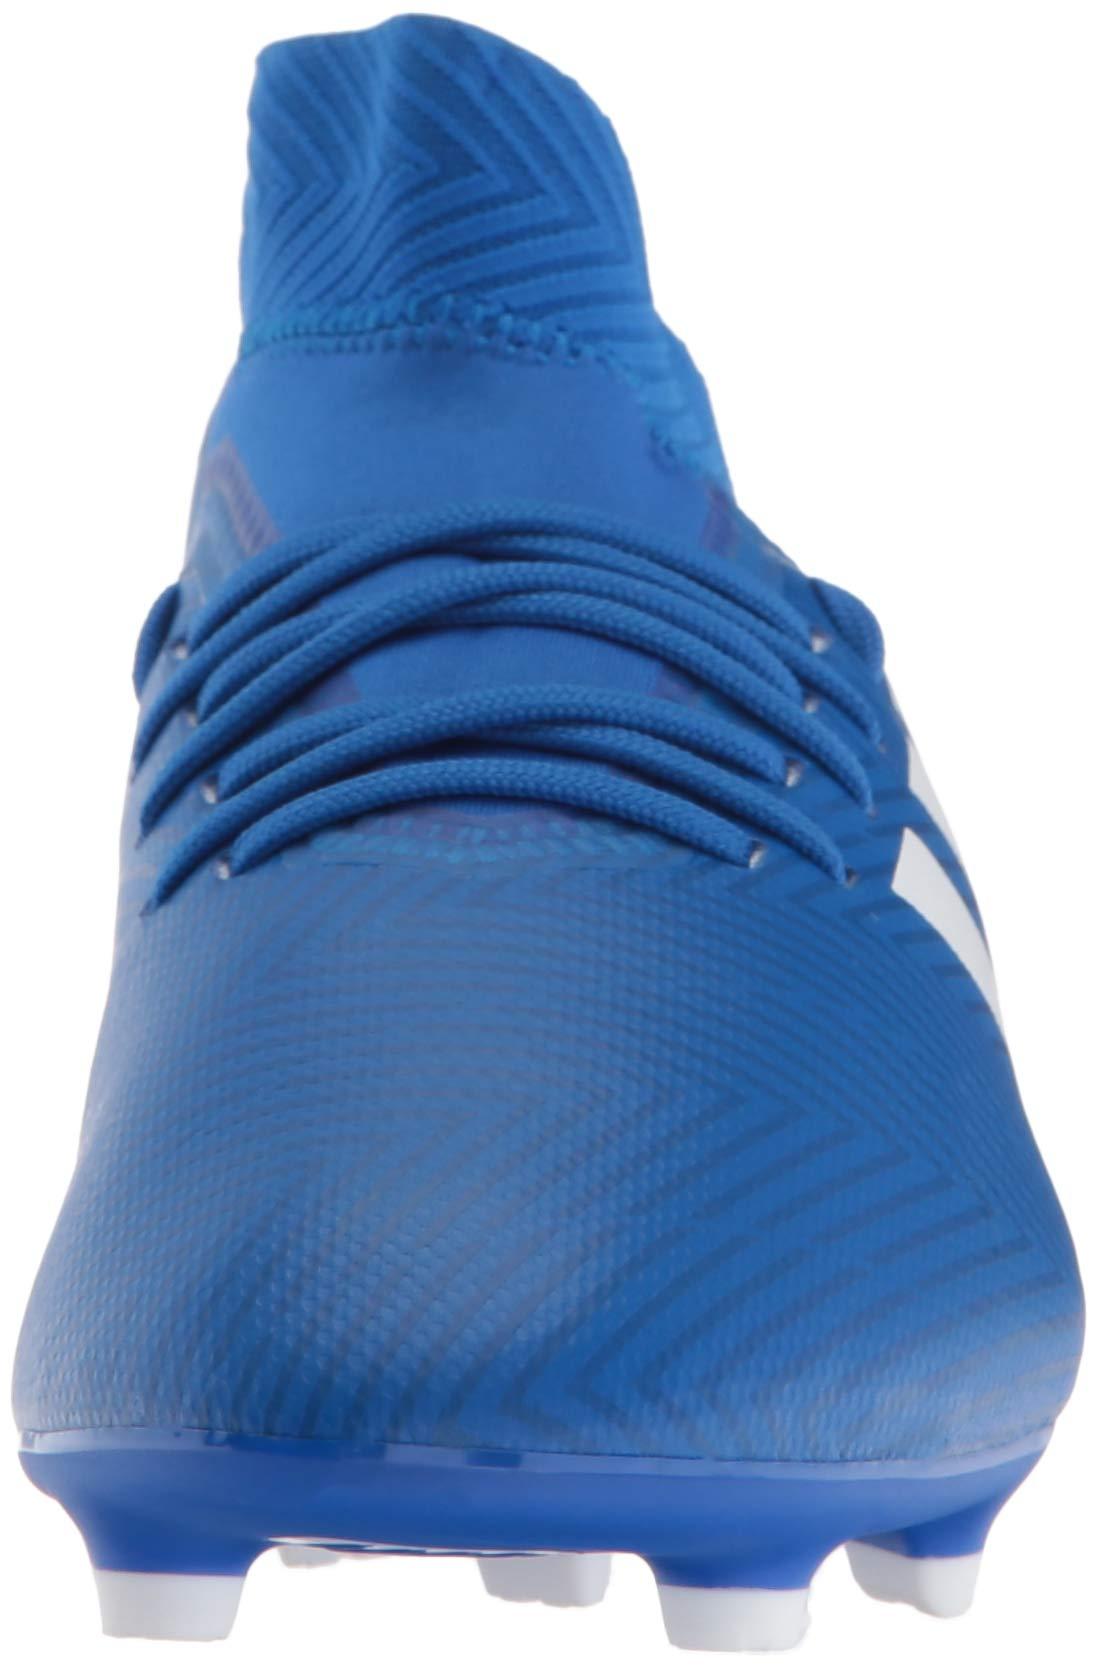 adidas Unisex Nemeziz 18.3 Firm Ground Soccer Shoe, White/Football Blue, 3.5 M US Big Kid by adidas (Image #4)